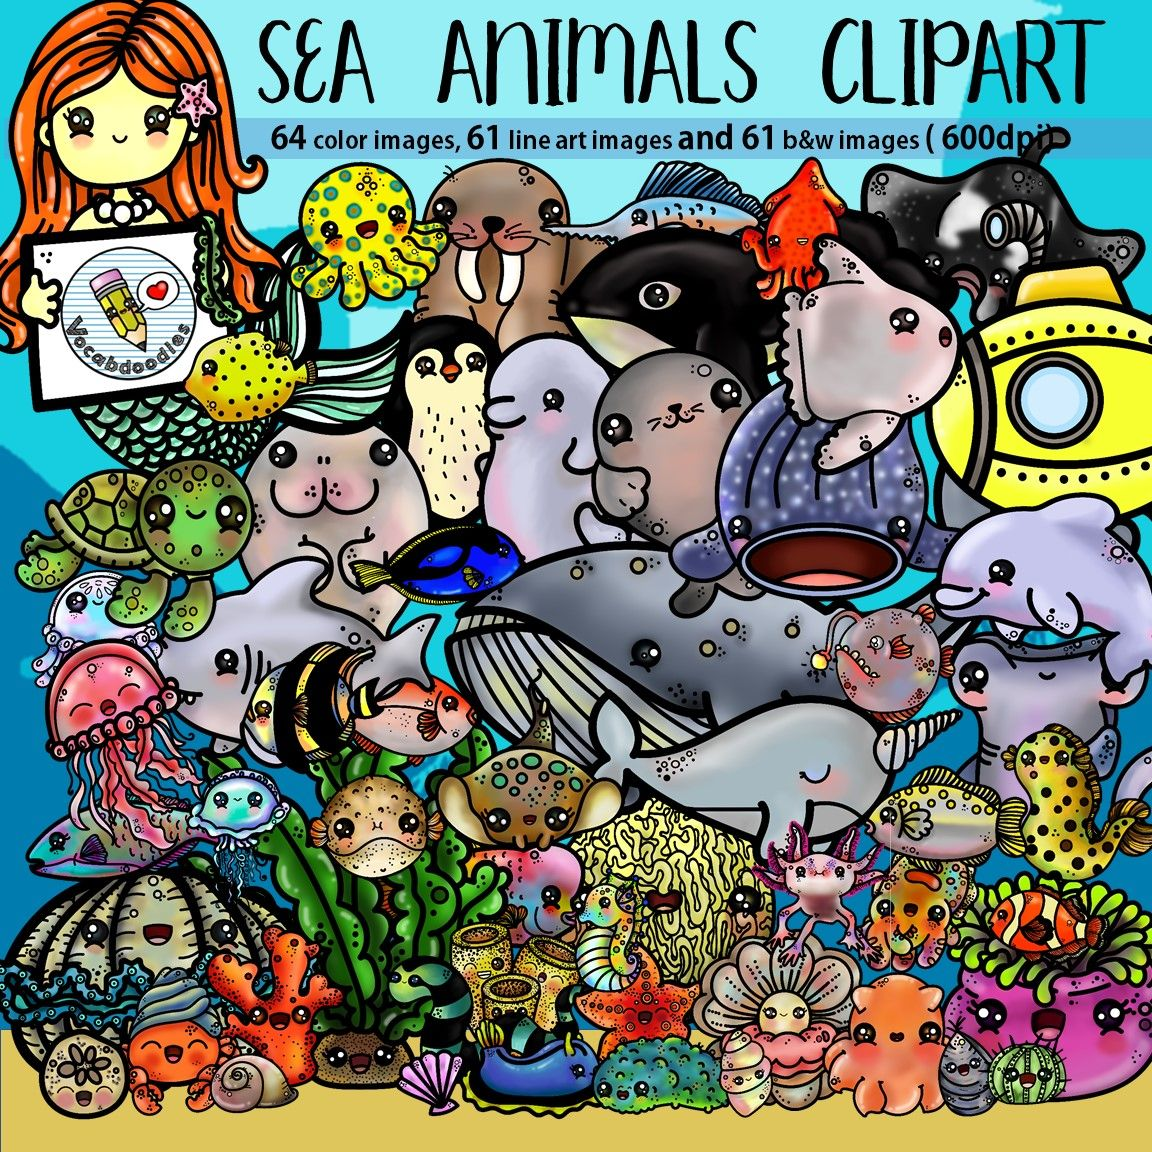 Sea Animals Clipart In